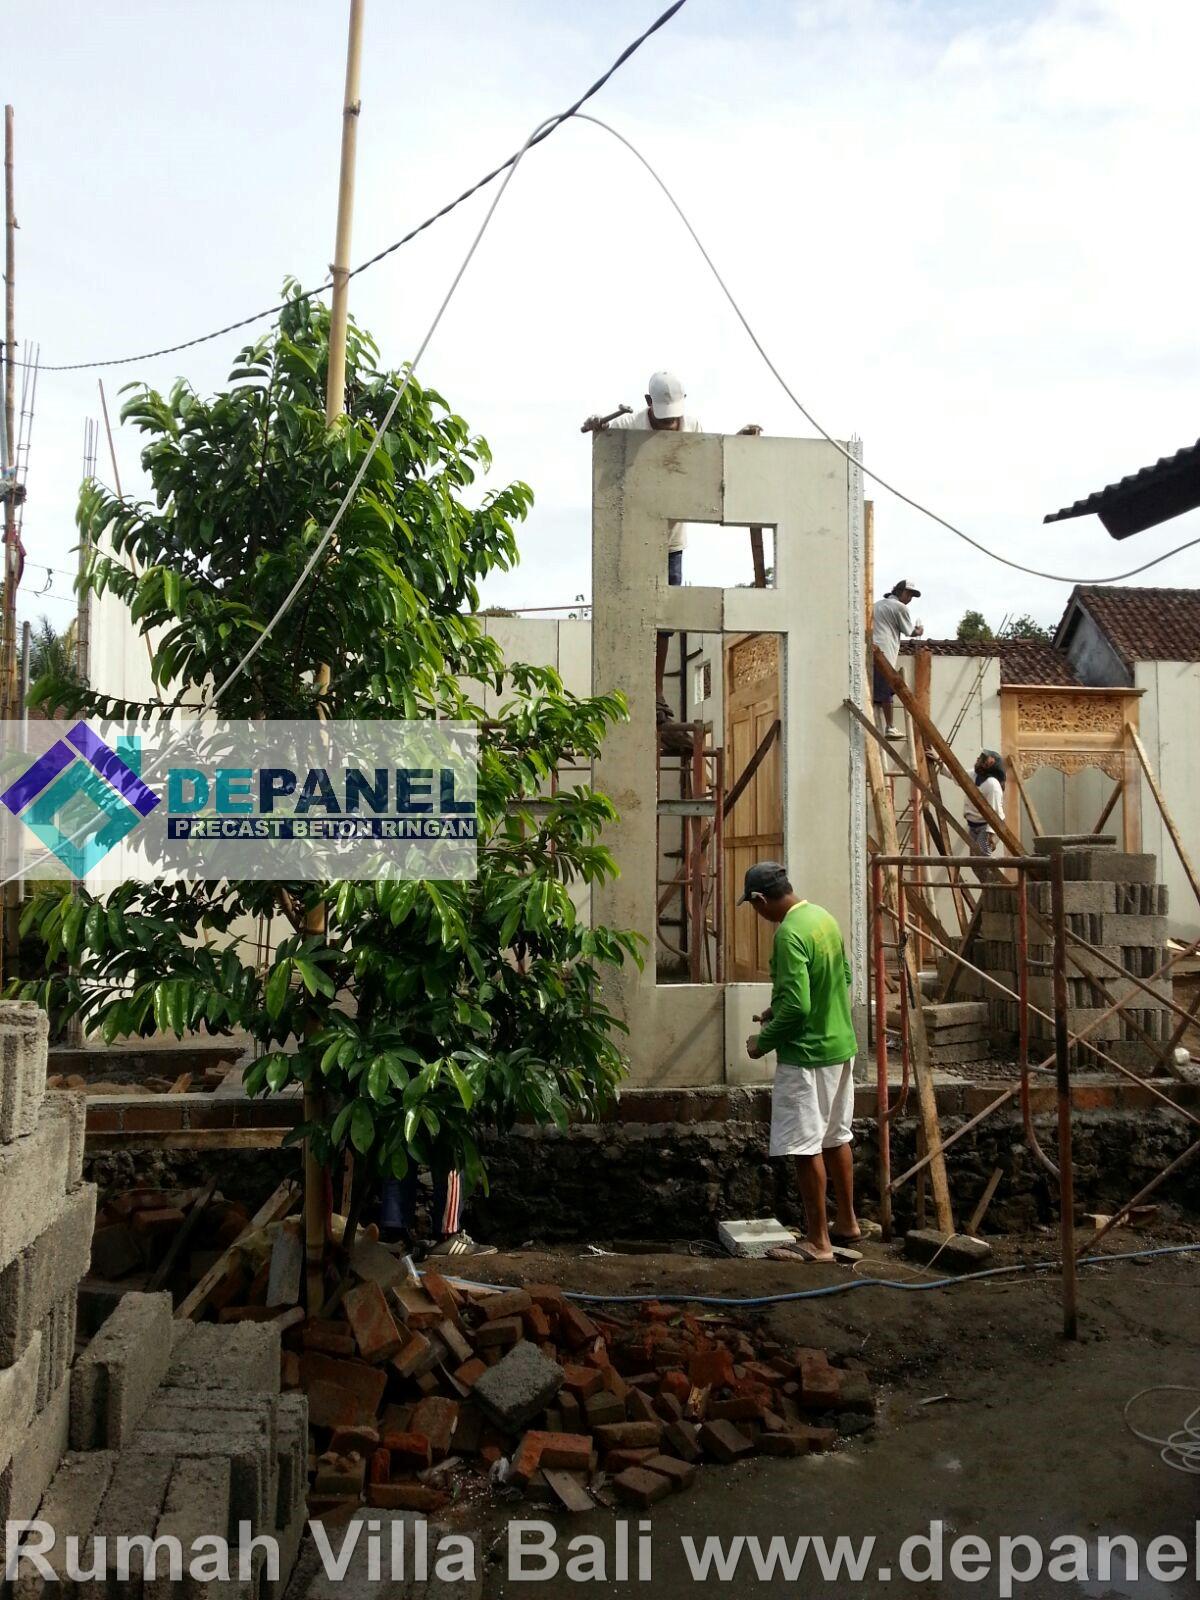 rumah villa bali, pembangunan villa, panel beton, beton ringan, panel dinding, panel lantai, bali, depanel